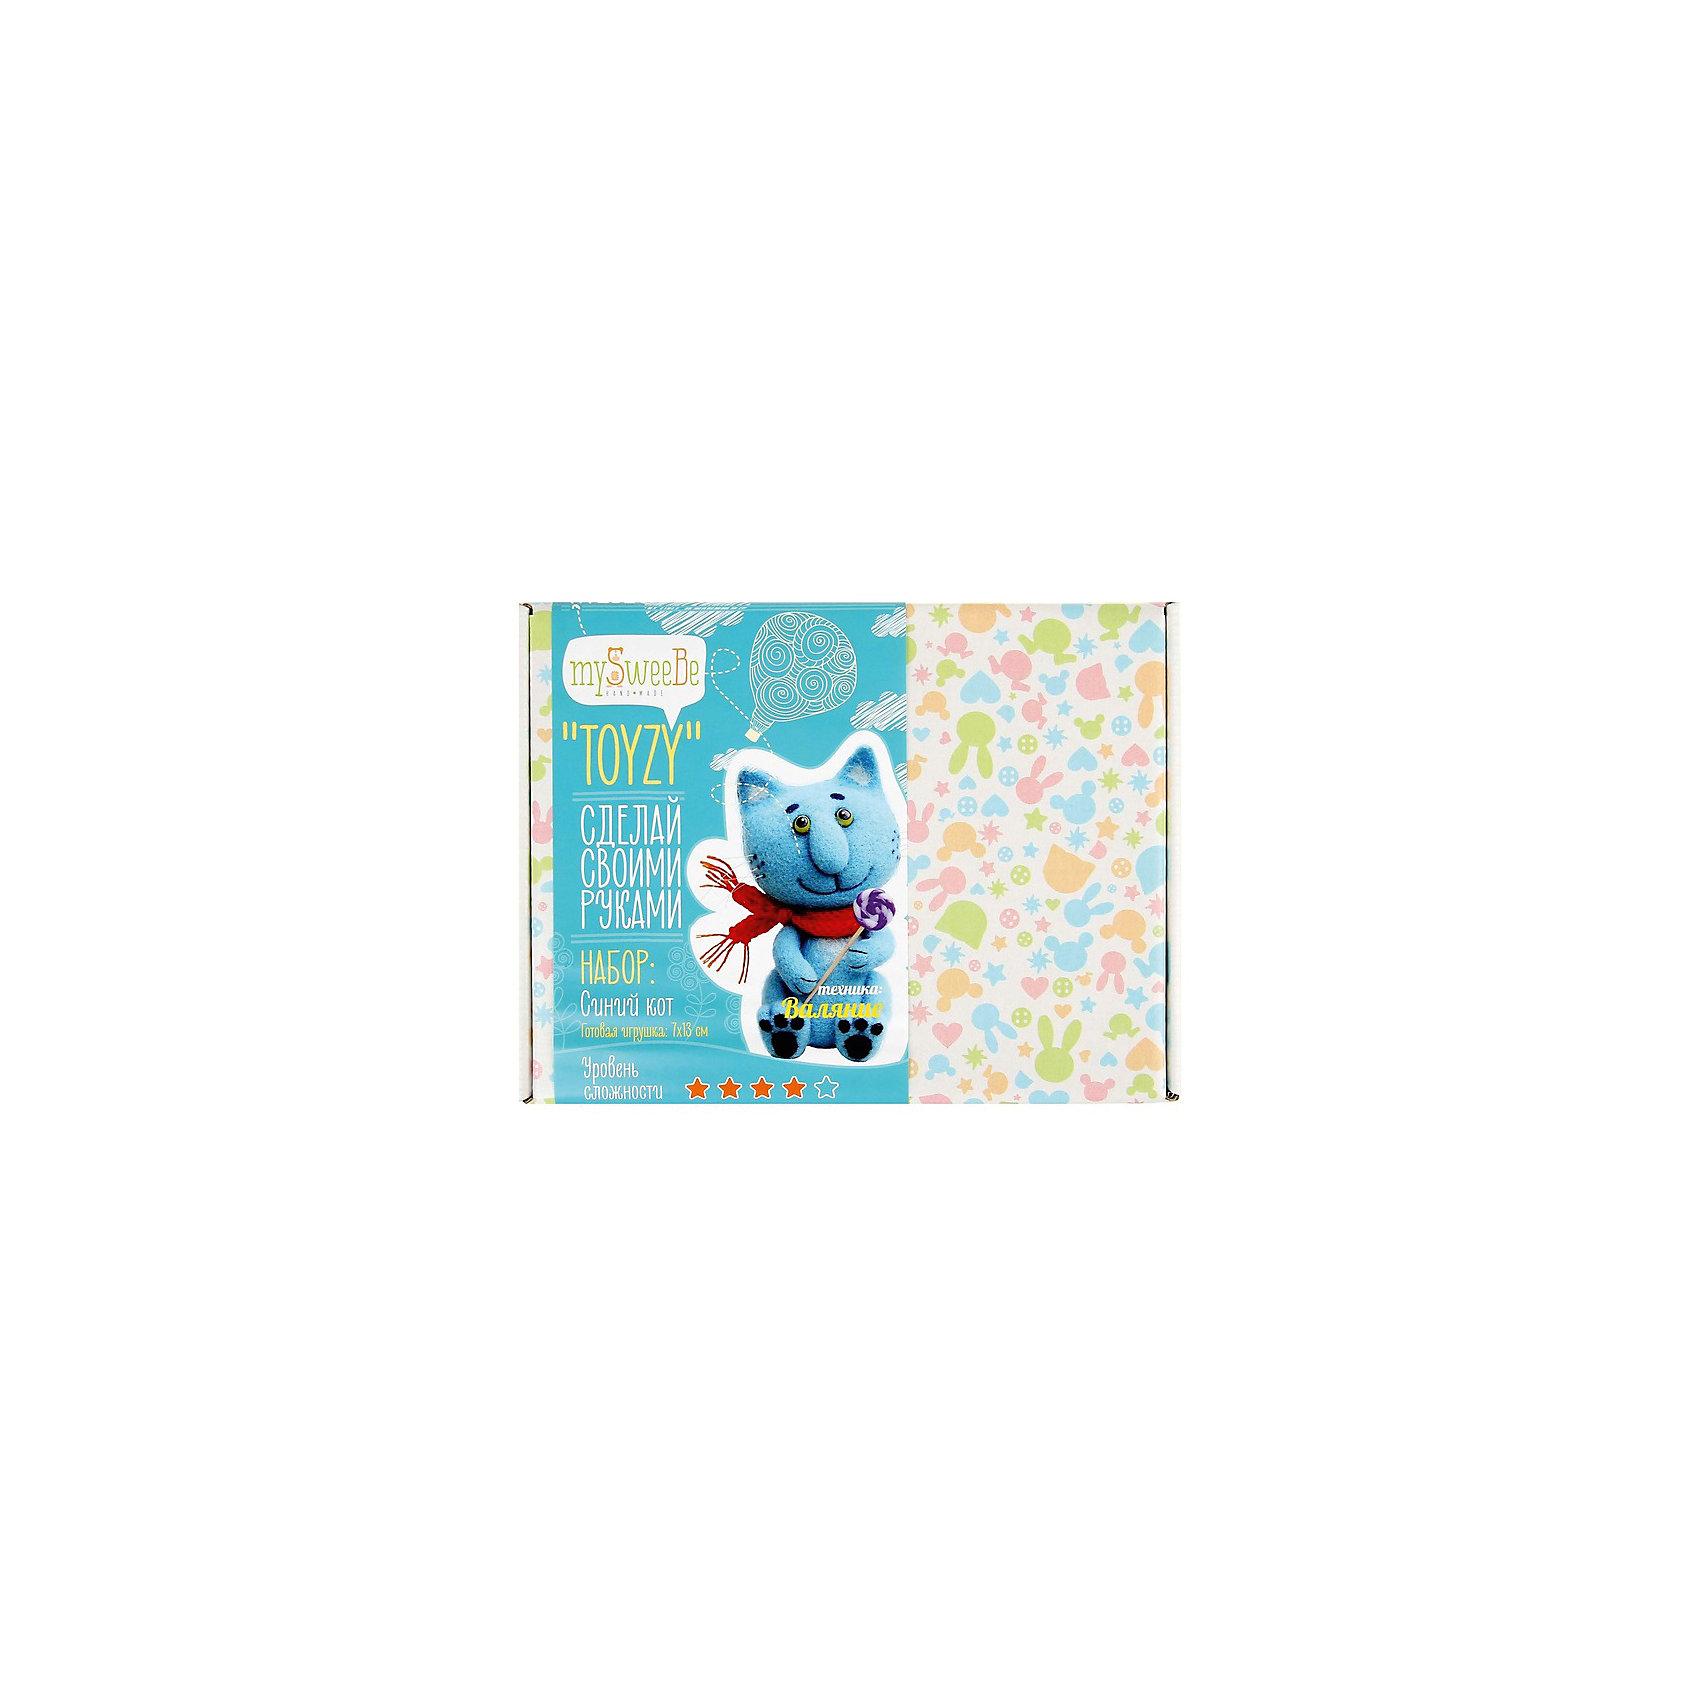 Набор для валяния Синий котЭтот замечательный набор позволит создать милую мягкую игрушку в оригинальной технике валяния. Получившийся очаровательный кот станет любимой игрушкой ребенка или же прекрасным памятным подарком, сделанным своими руками. В наборе есть все необходимое, осталось добавить немного терпения и фантазии - и уникальная игрушка готова! Все инструменты и материалы, входящие в набор, являются натуральными и высококачественными, а значит, безопасными для детей. Валяние - прекрасный вид детского досуга, который успокоит нервную систему, поможет развить внимание, усидчивость и мелкую моторику. <br><br>Дополнительная информация:<br><br>- Материал: шерсть, пластик.<br>- Размер: 25х19х6 см.<br>- Размер игрушки: 6х11 см. <br>- Комплектация: инструкция, иглы для валяния, шерсть, акриловая краска, кисть, суперклей, пряжа, нитки, леска, полимерная глина, шило, ватная палочка, большая игла для шитья, спицы, зубочистка.<br><br>Набор для валяния Синий кот можно купить в нашем магазине.<br><br>Ширина мм: 180<br>Глубина мм: 240<br>Высота мм: 50<br>Вес г: 260<br>Возраст от месяцев: 84<br>Возраст до месяцев: 192<br>Пол: Унисекс<br>Возраст: Детский<br>SKU: 4603773